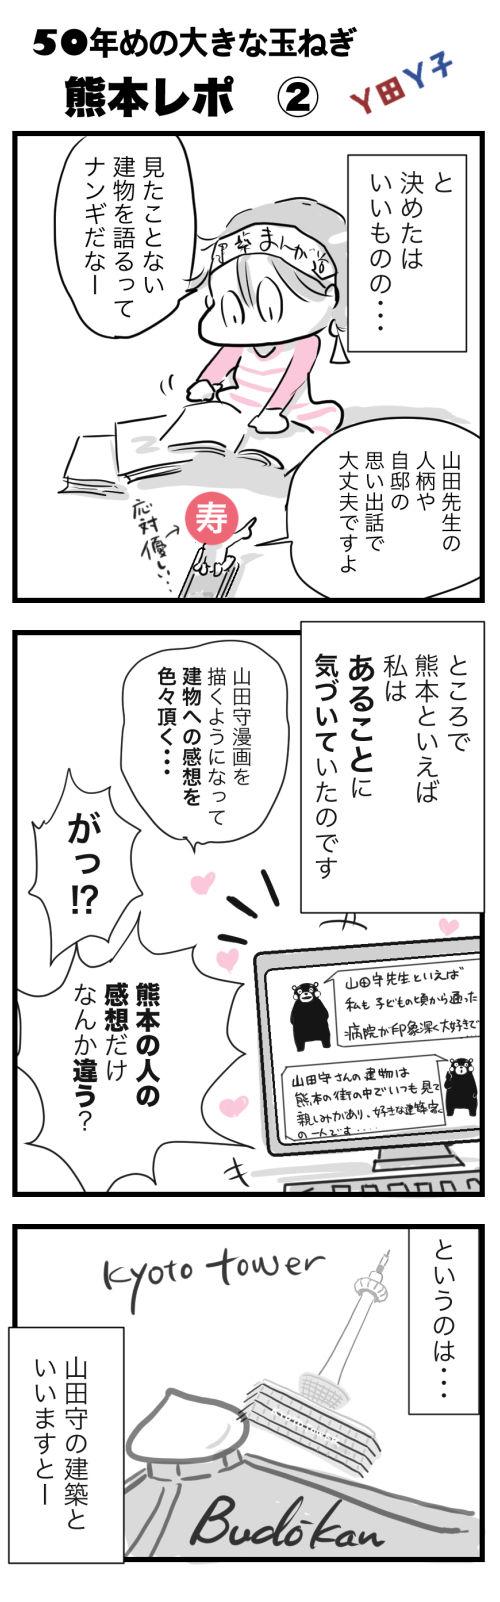 熊本レポ2−1